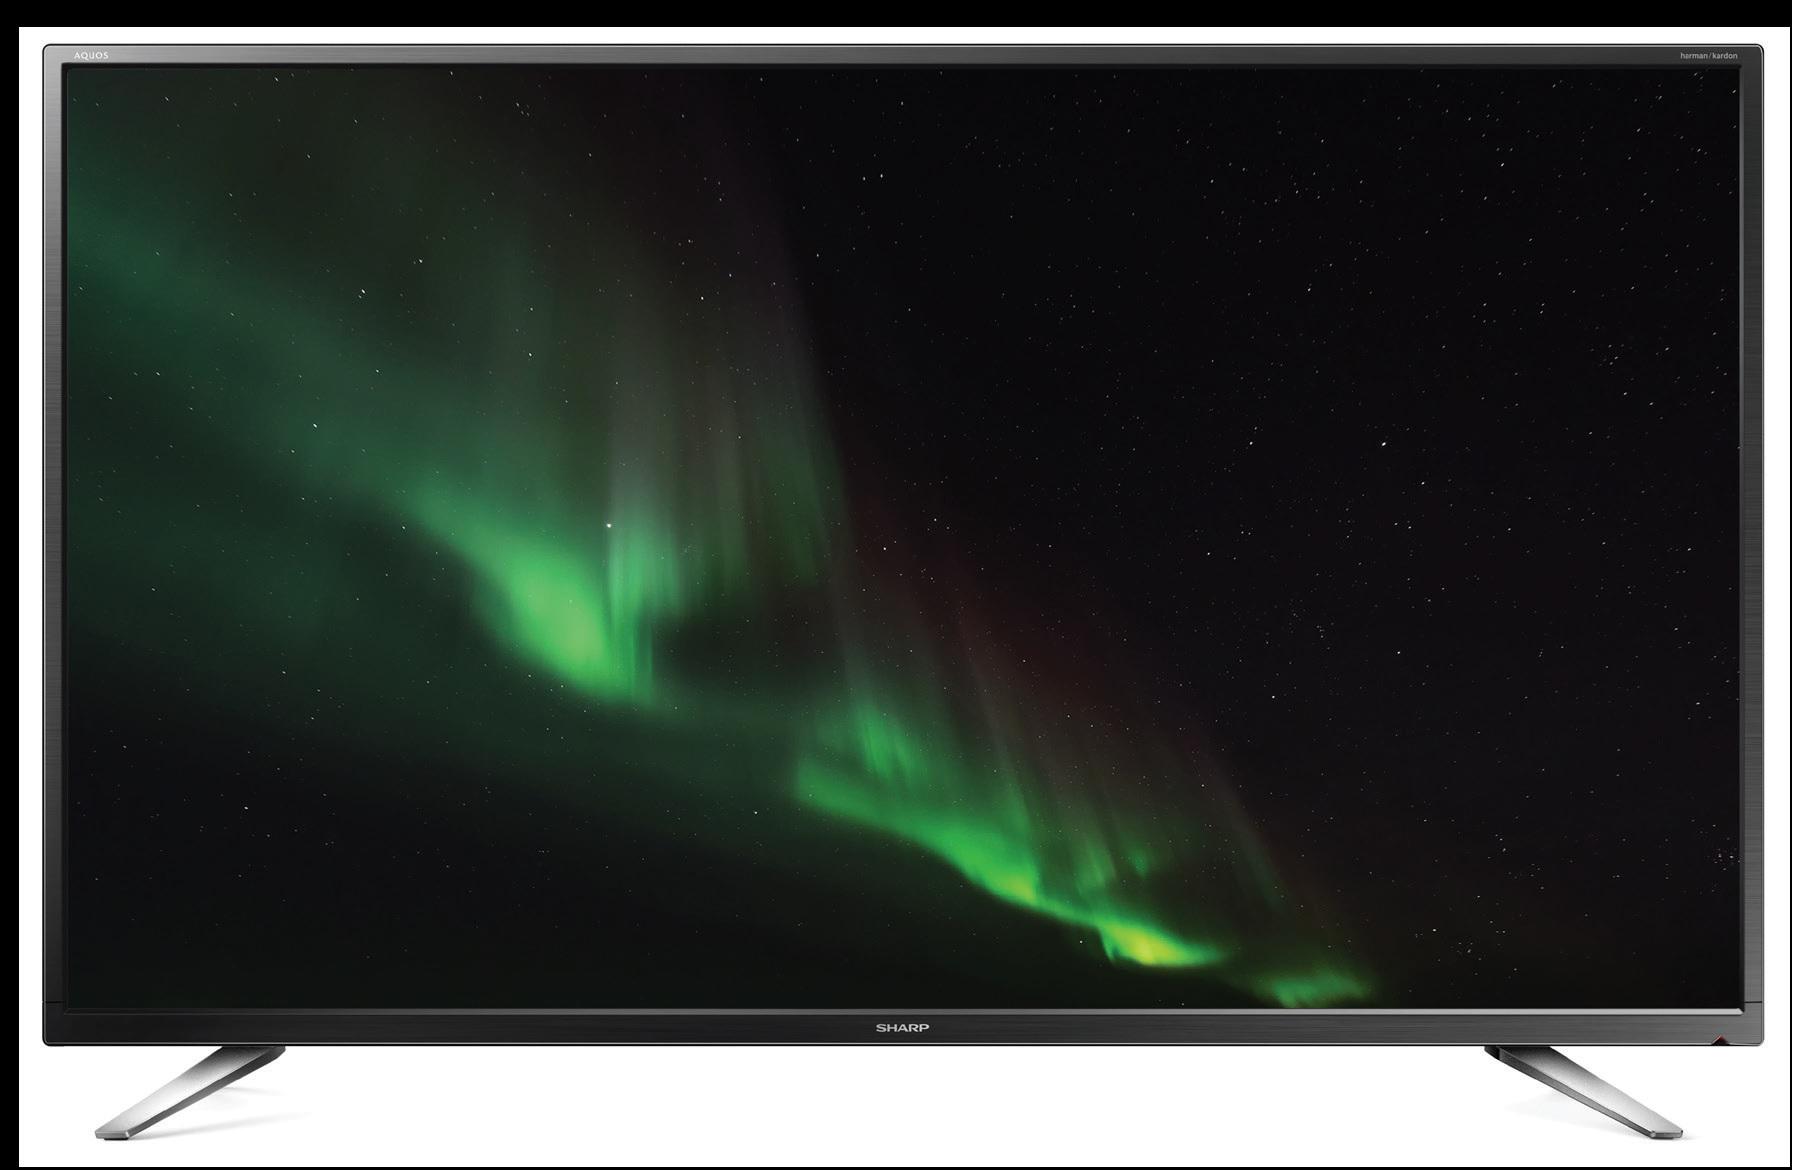 Sharp 65tum 4K DVB-T2/ C /S2